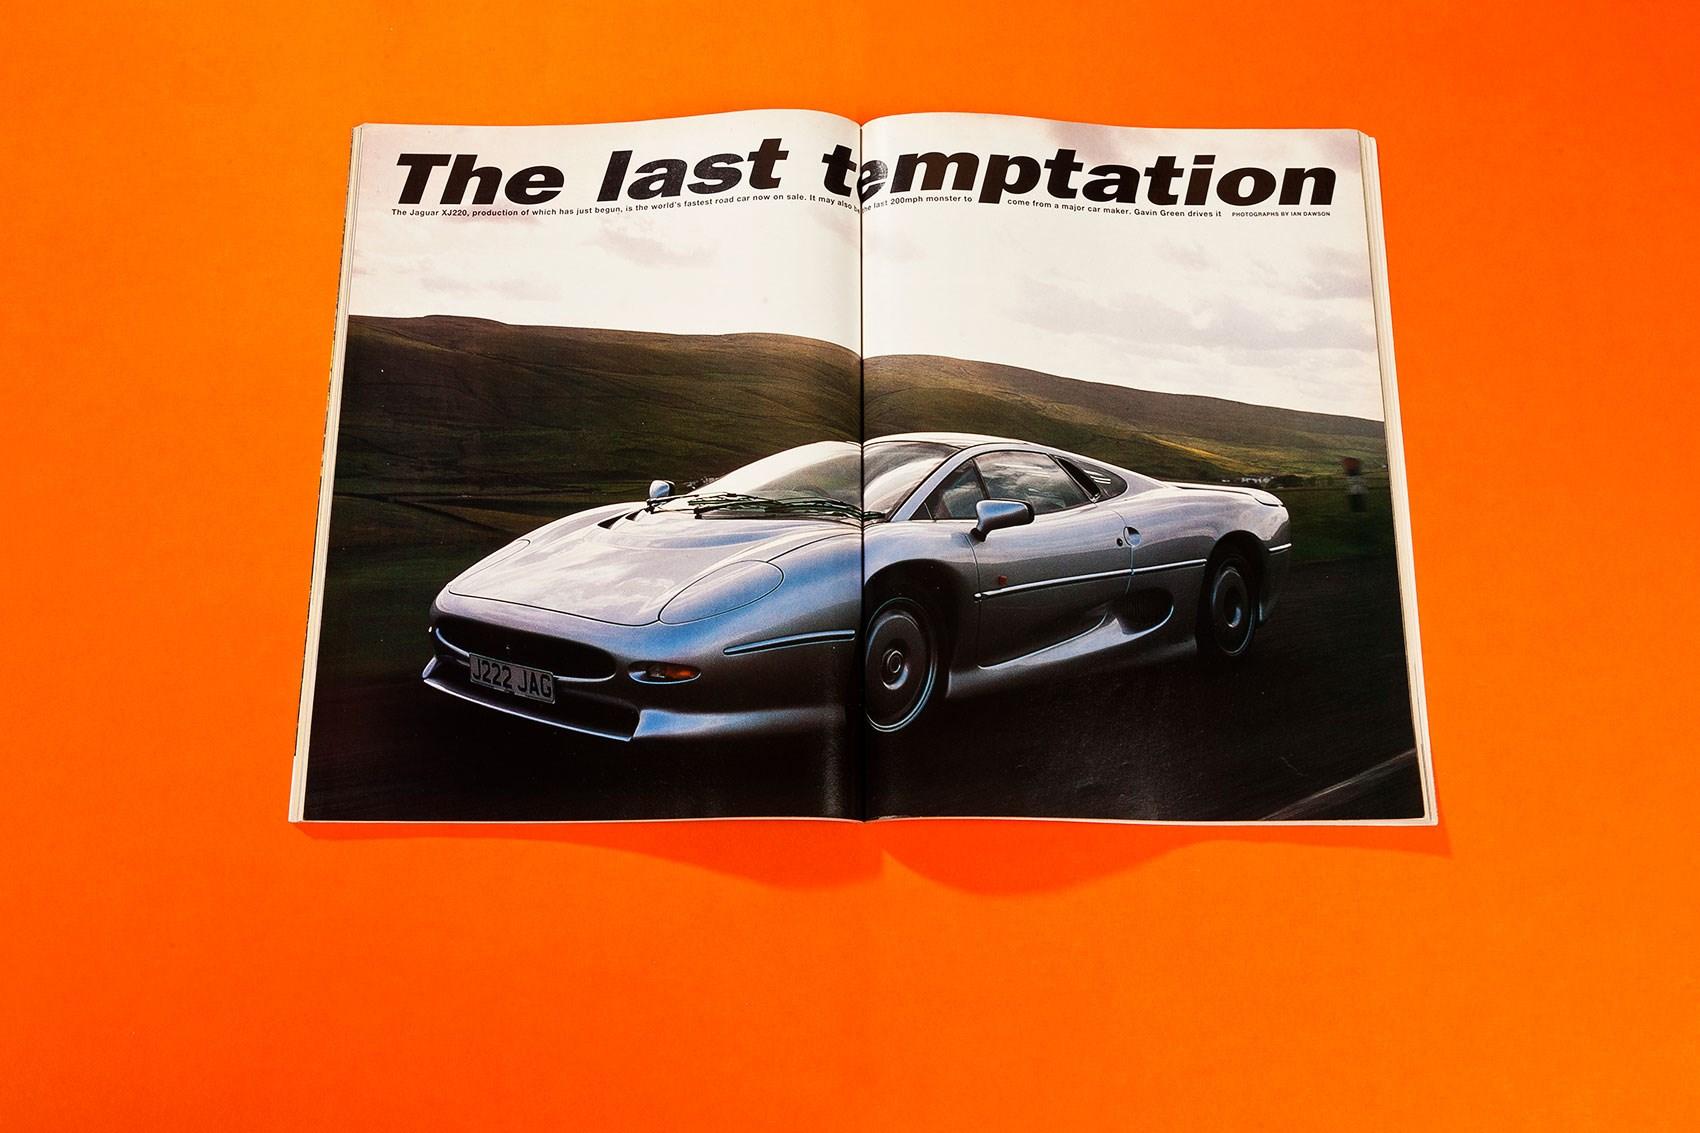 The last temptation - driving the Jaguar XJ220: CAR+ archive ...